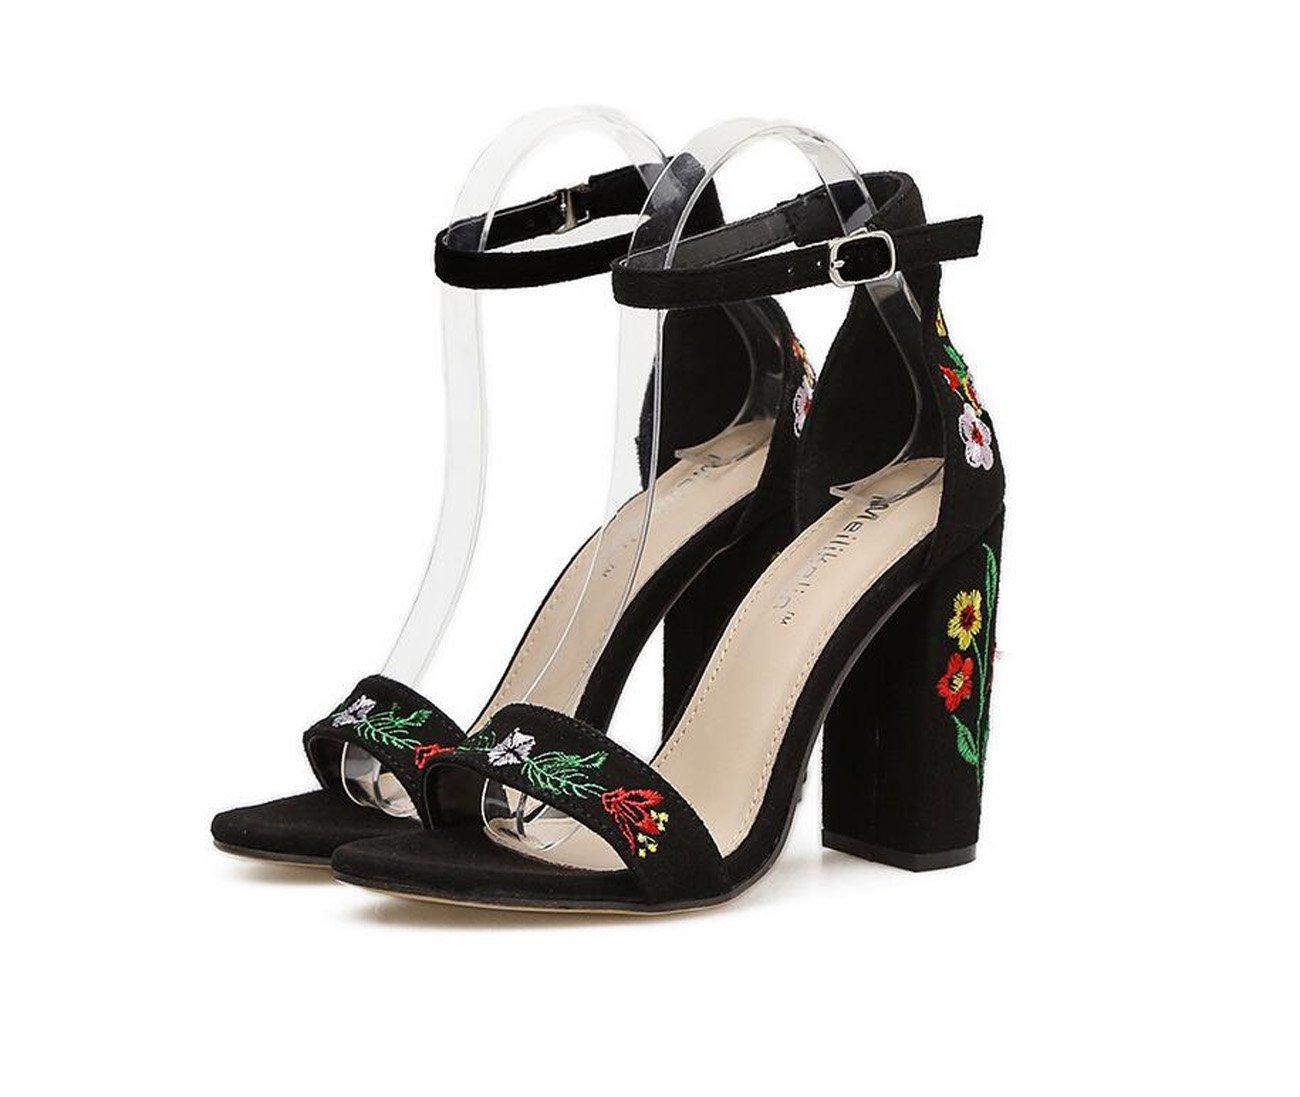 Damen High Heels Sandalen Bestickte Ferse Sexy Schuhe ( Sommer Bequeme Einkaufen Schuhe ( Schuhe Farbe : schwarz , Größe : 40 ) schwarz 27ba8f